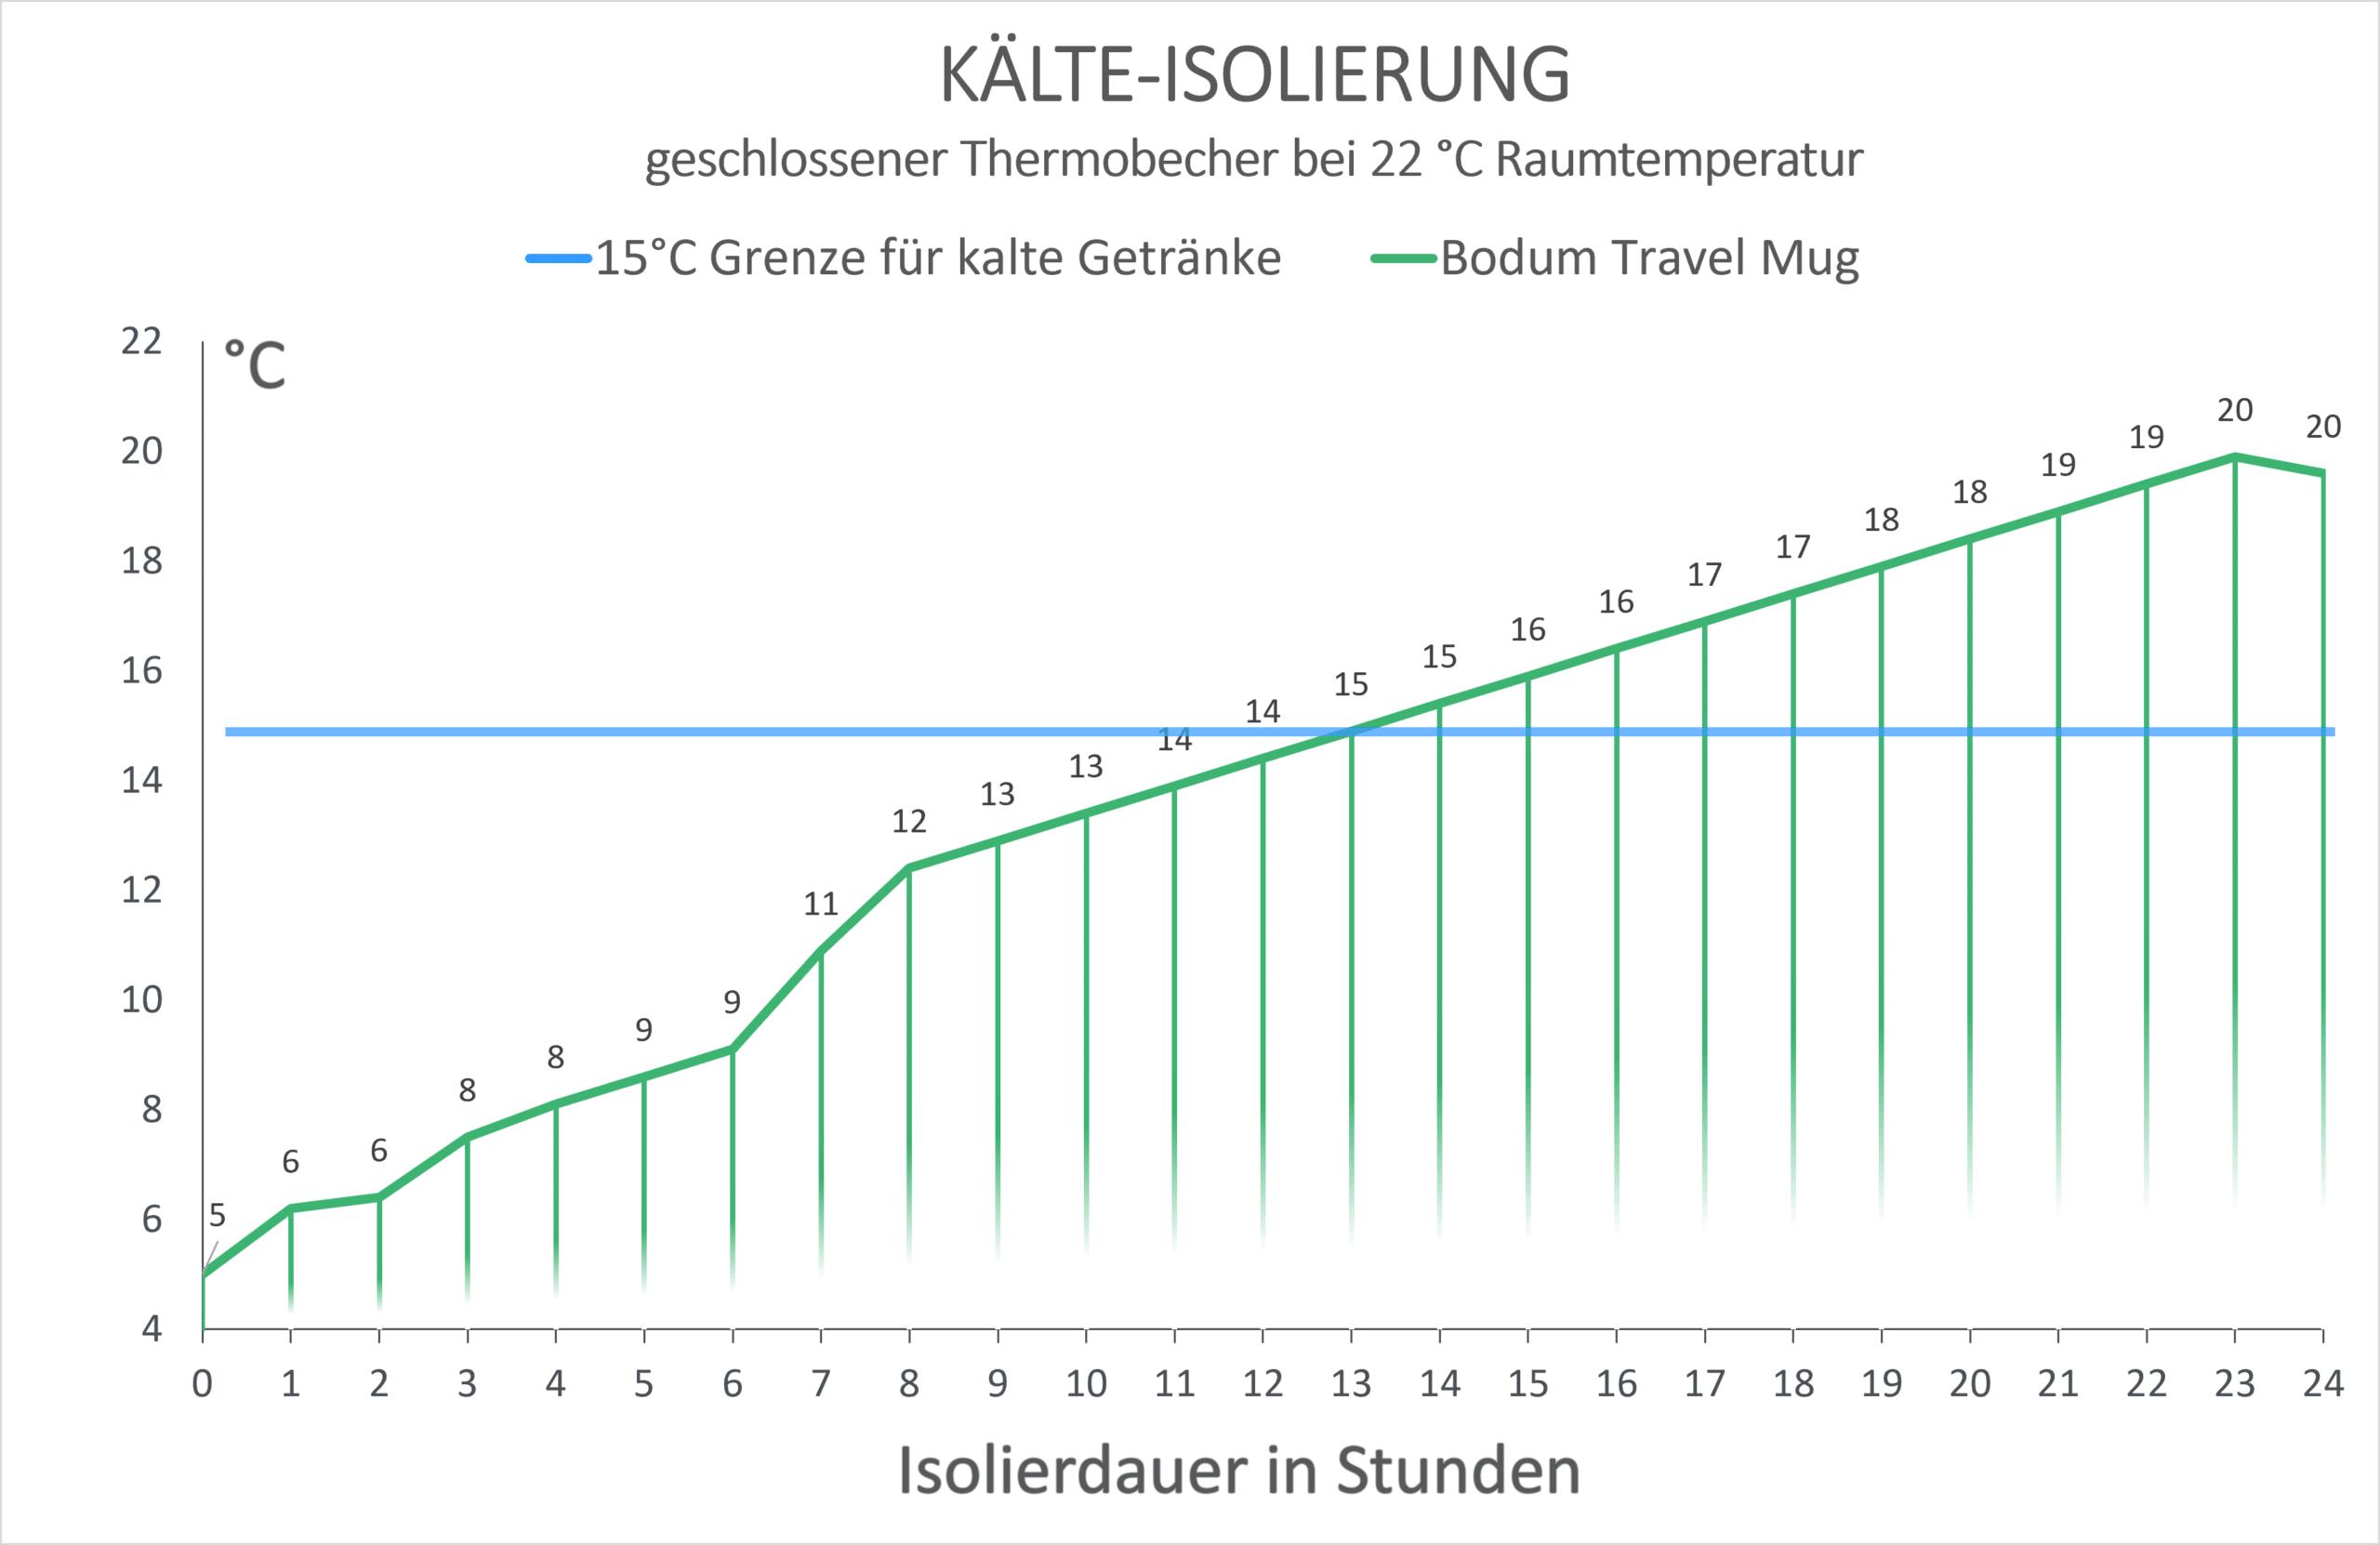 Bodum Travel Mug Kälte-Isolierung Diagramm